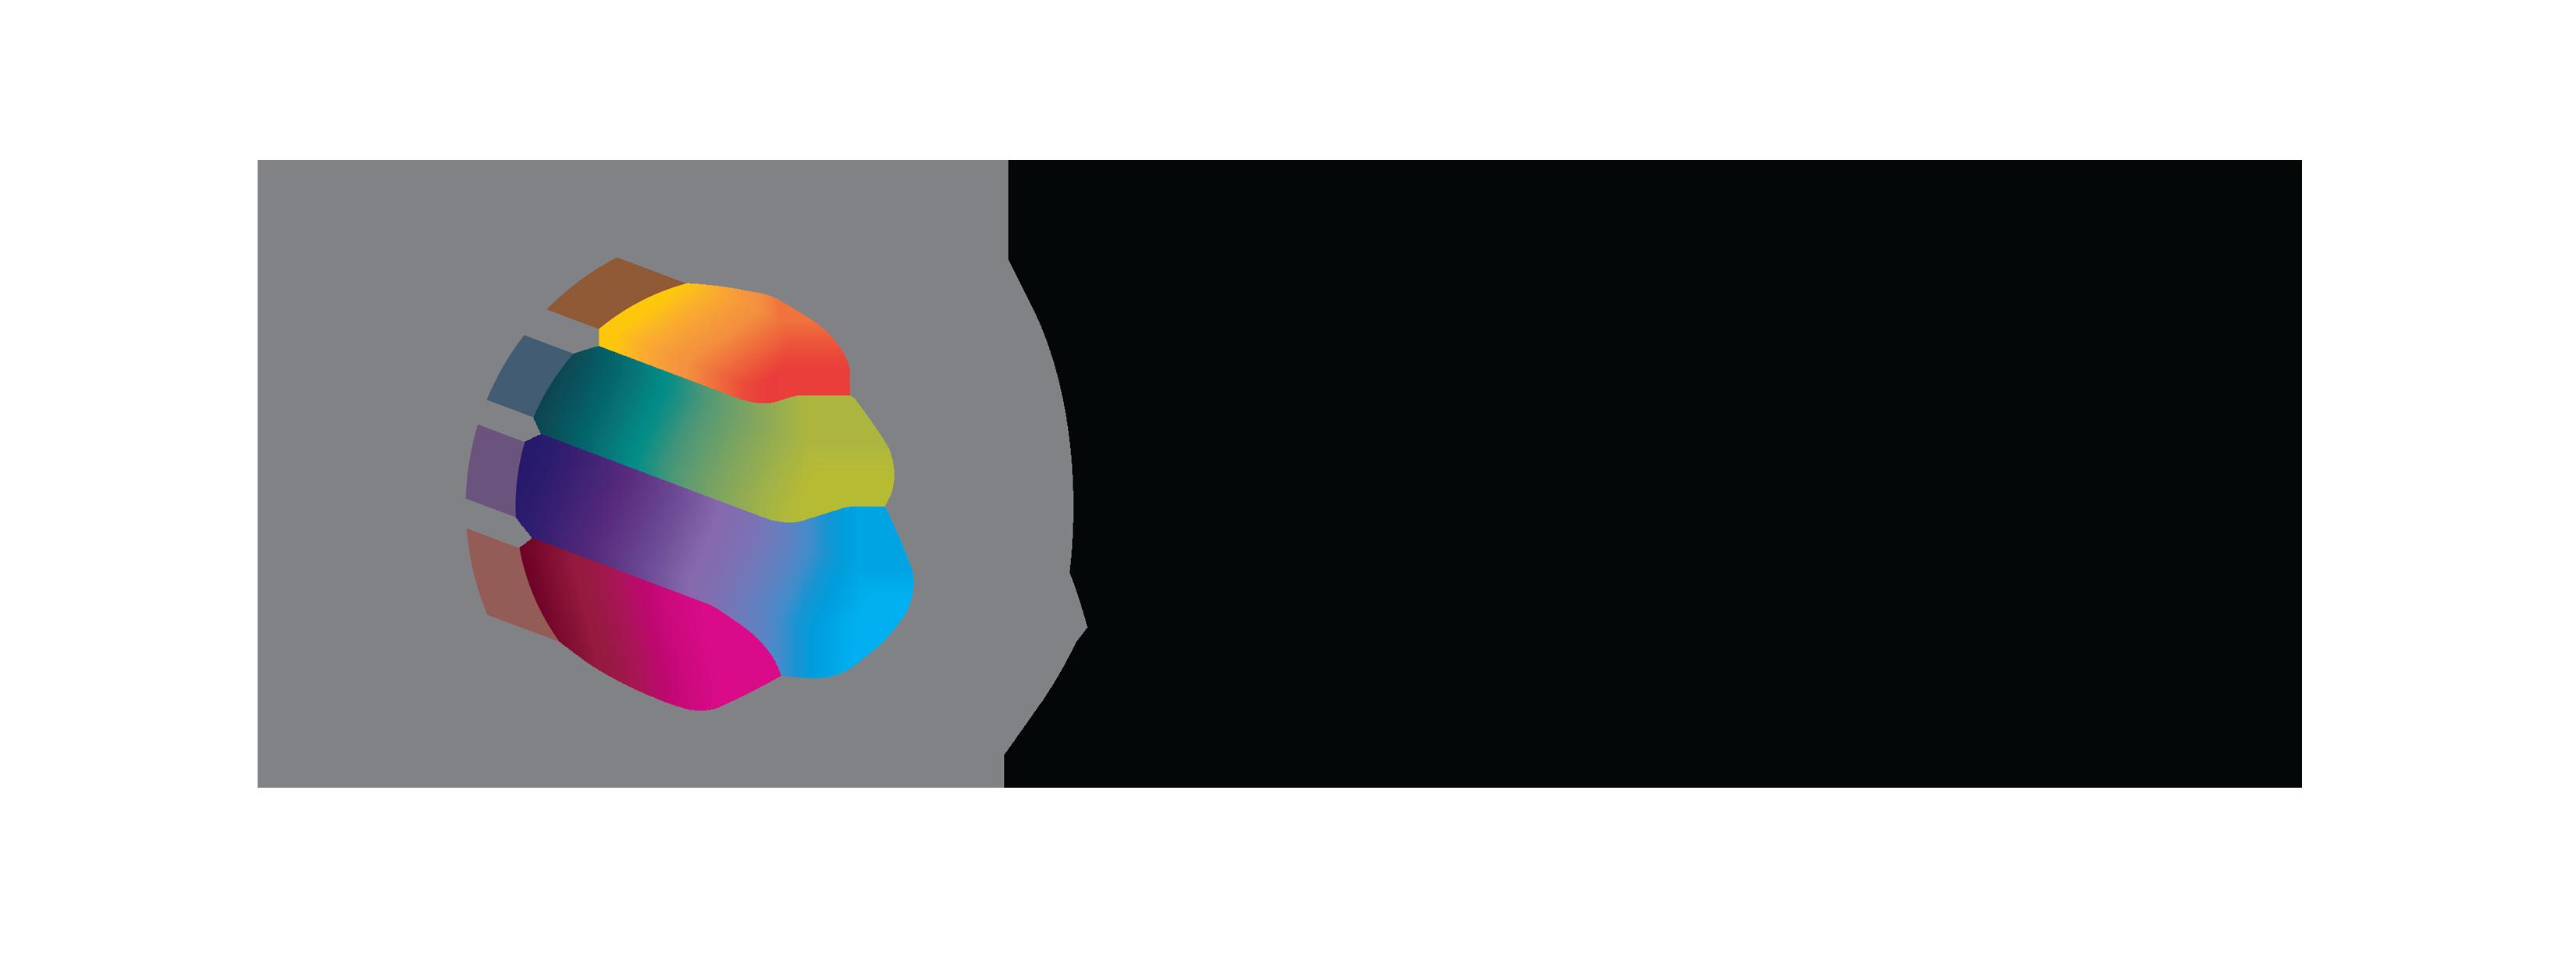 interlab-dai-dien-phan-phoi-san-pham-cua-KPM-analytics